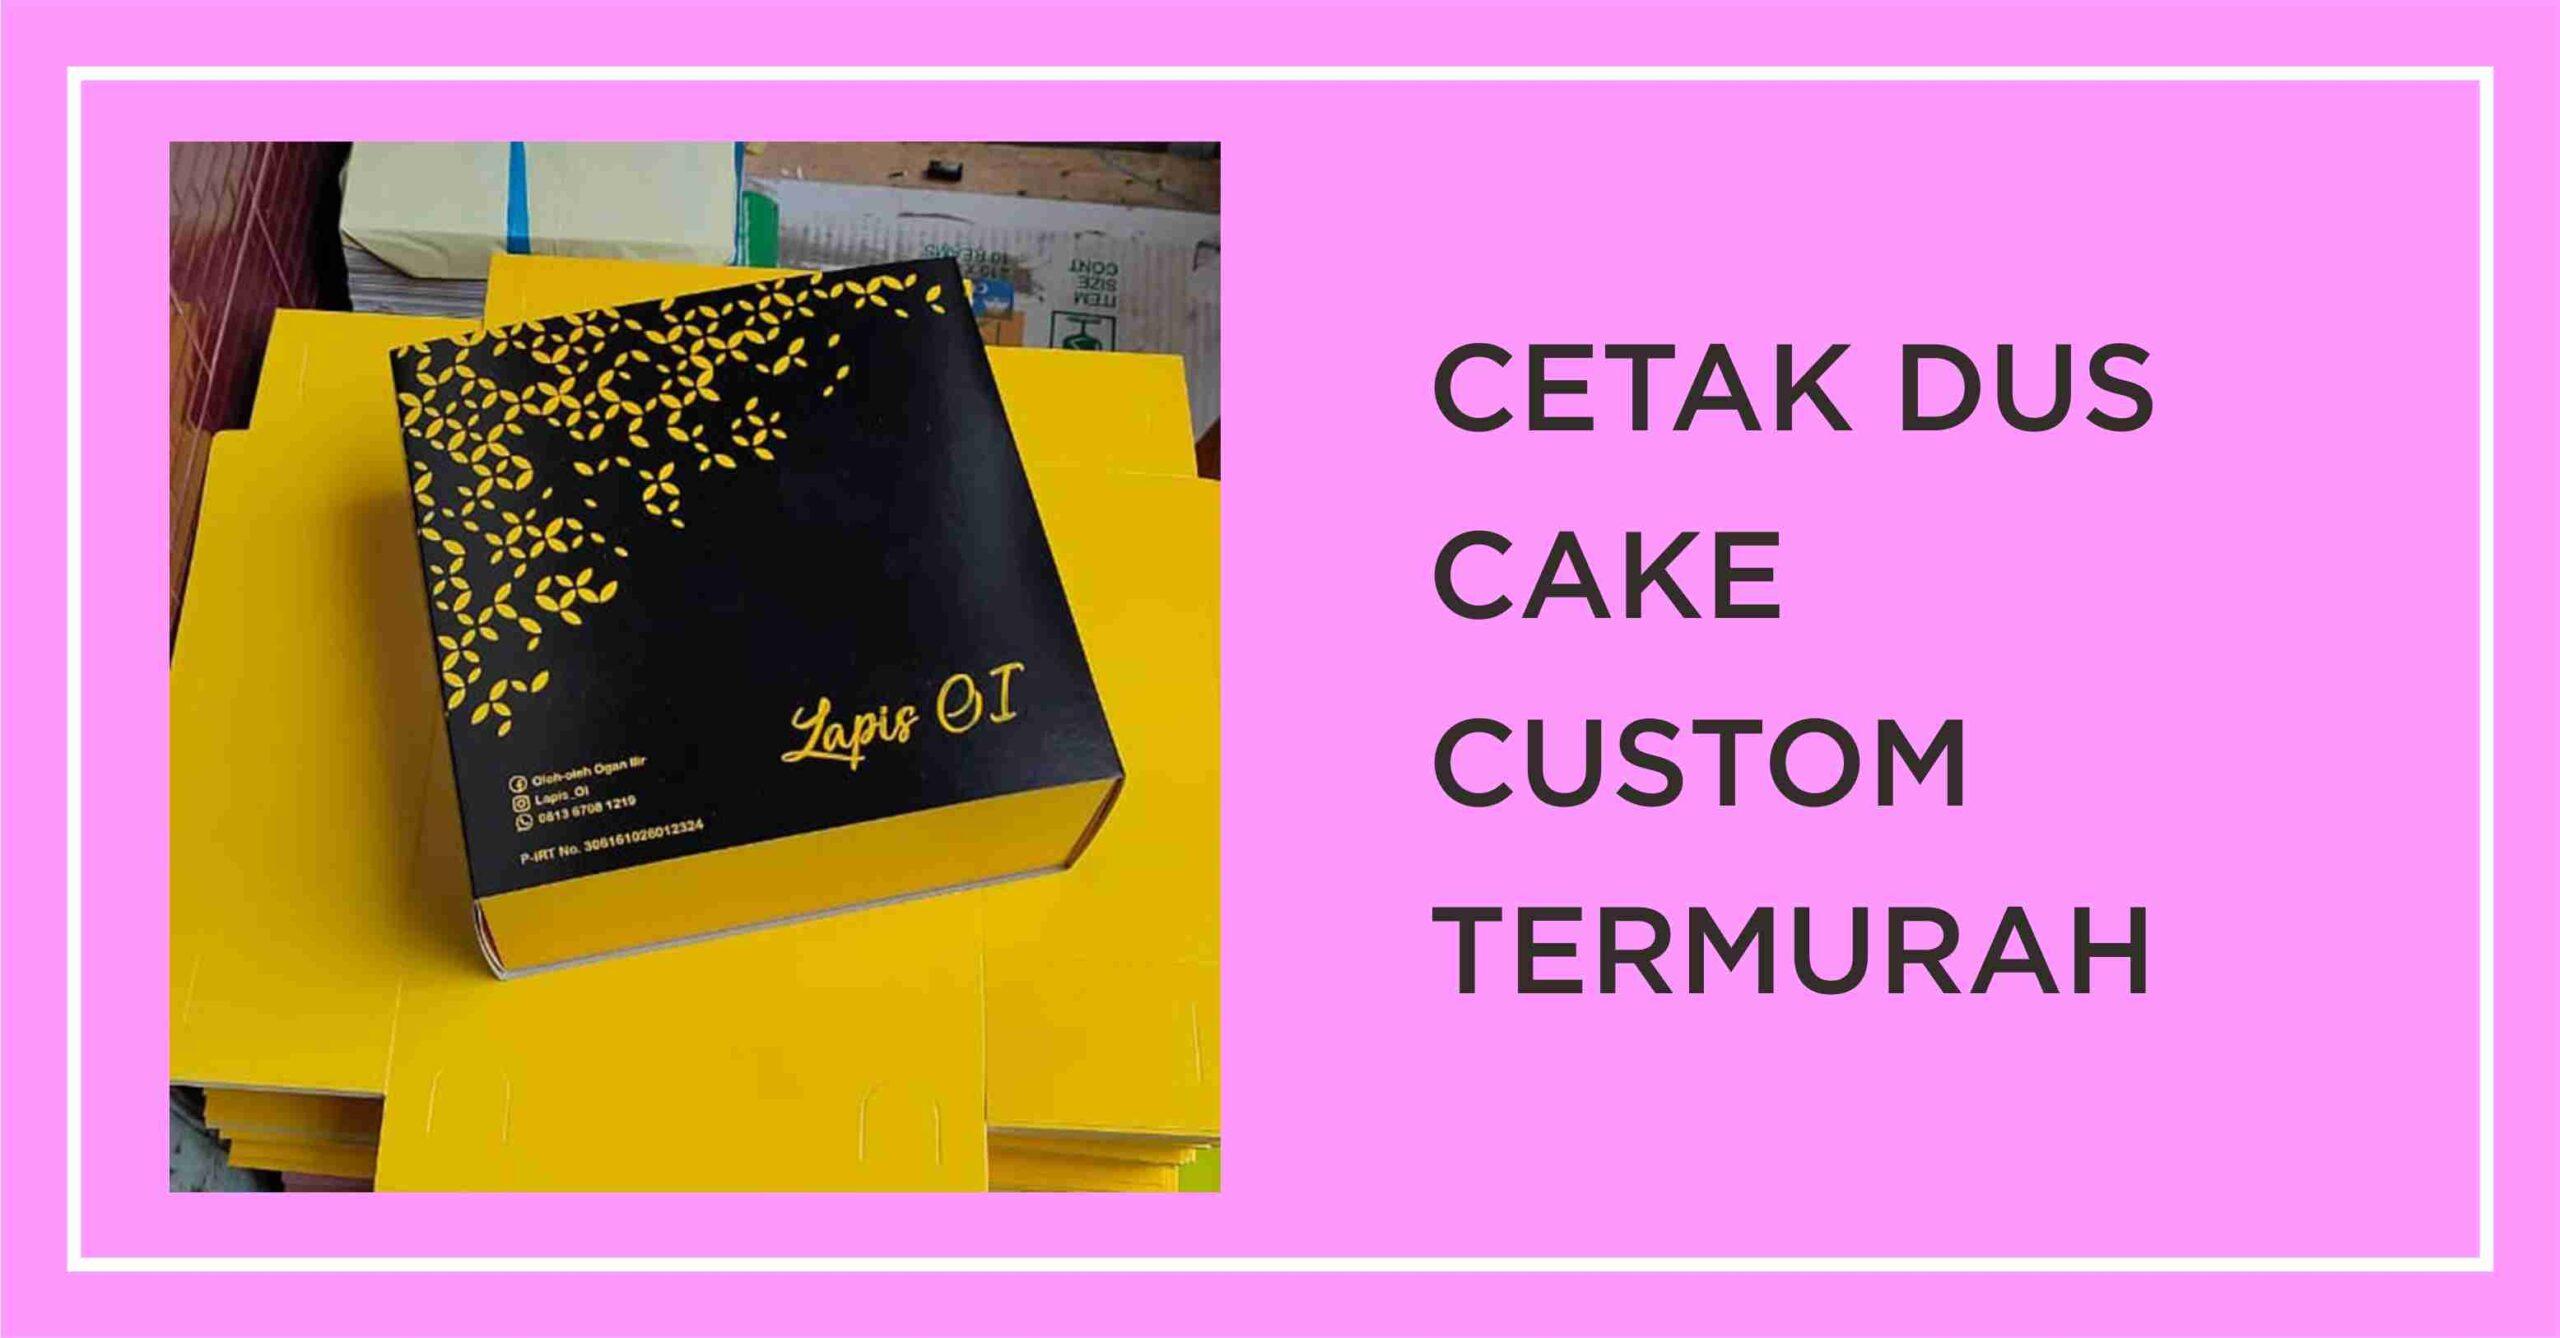 cetak dus cake custom termurah